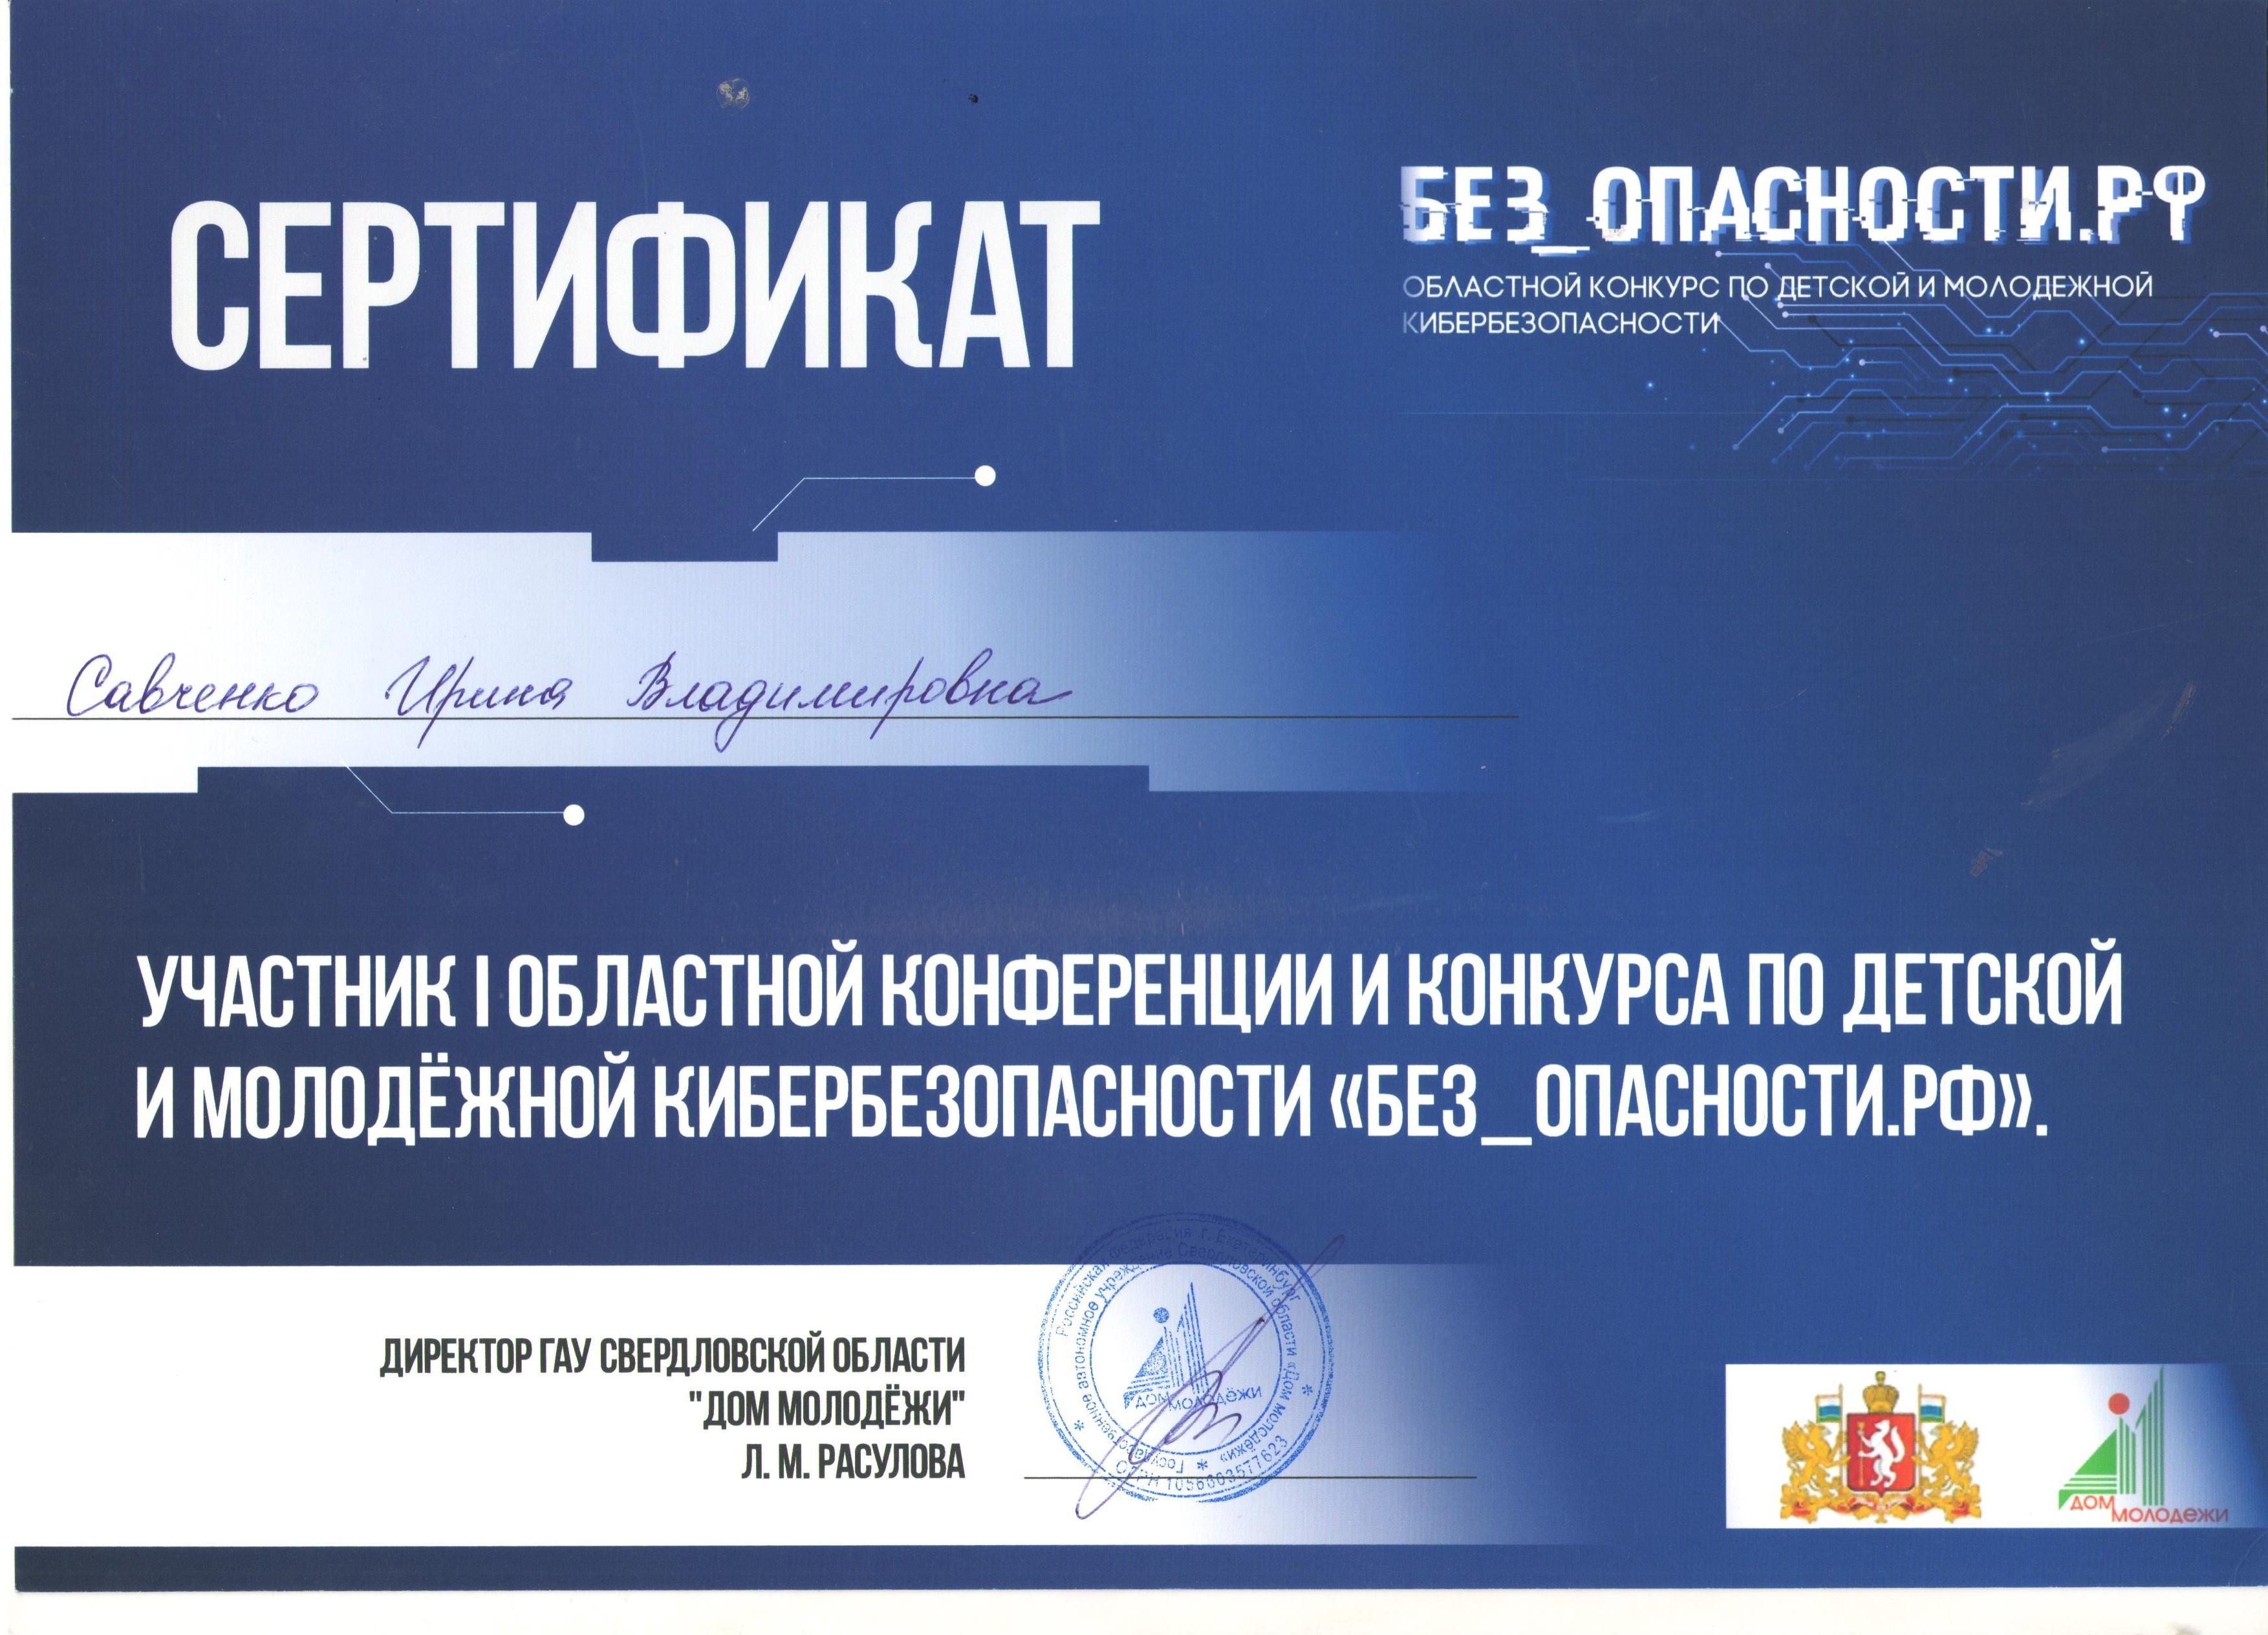 Лучший сайт Свердловской области по кибербезопасности